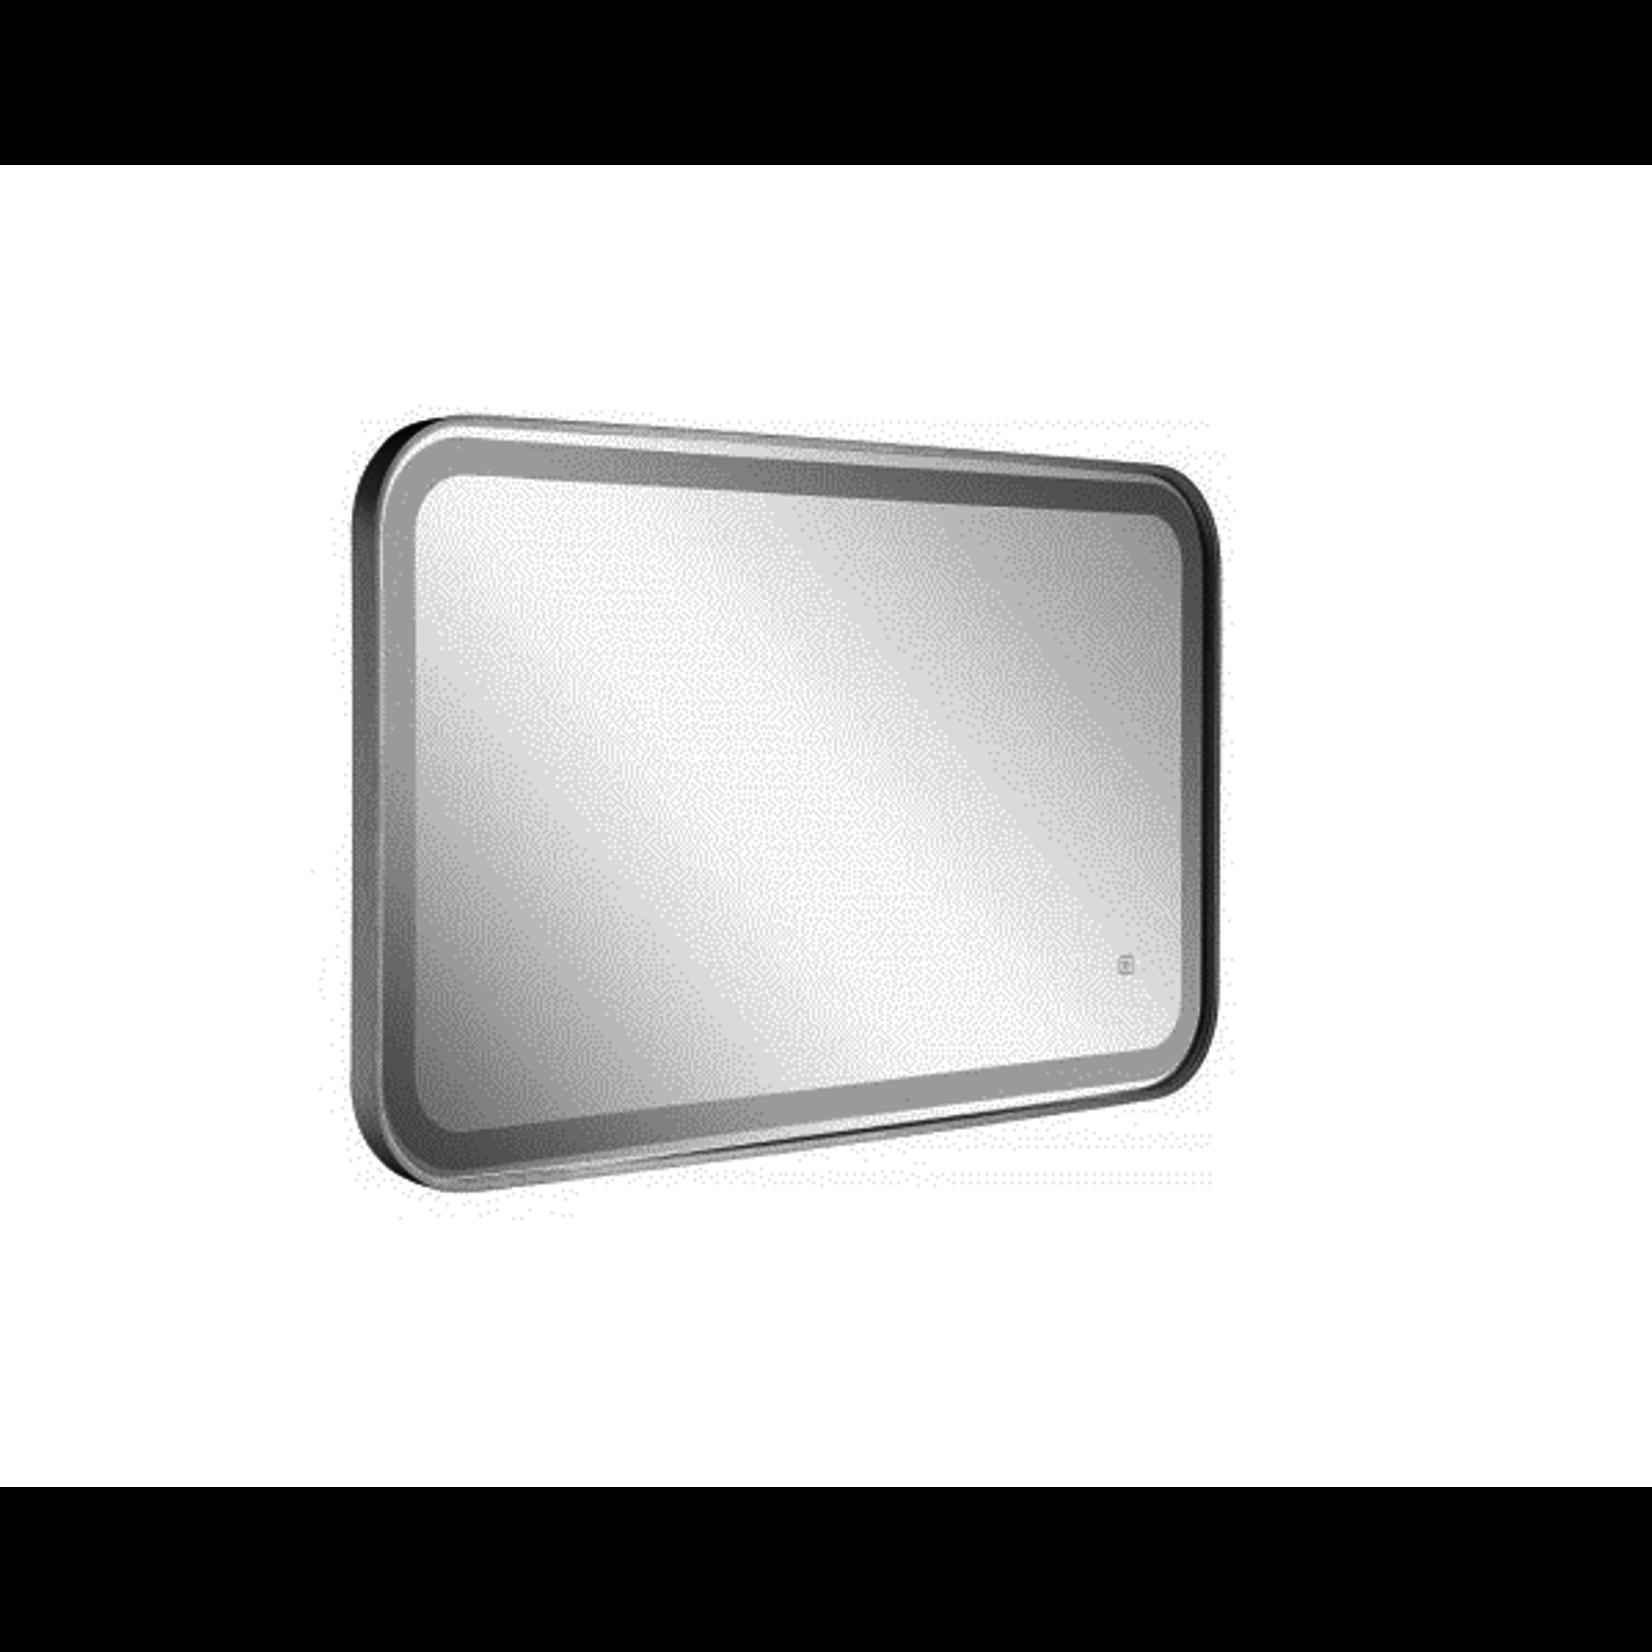 Miroir LED rectangulaire bordures noires arrondies